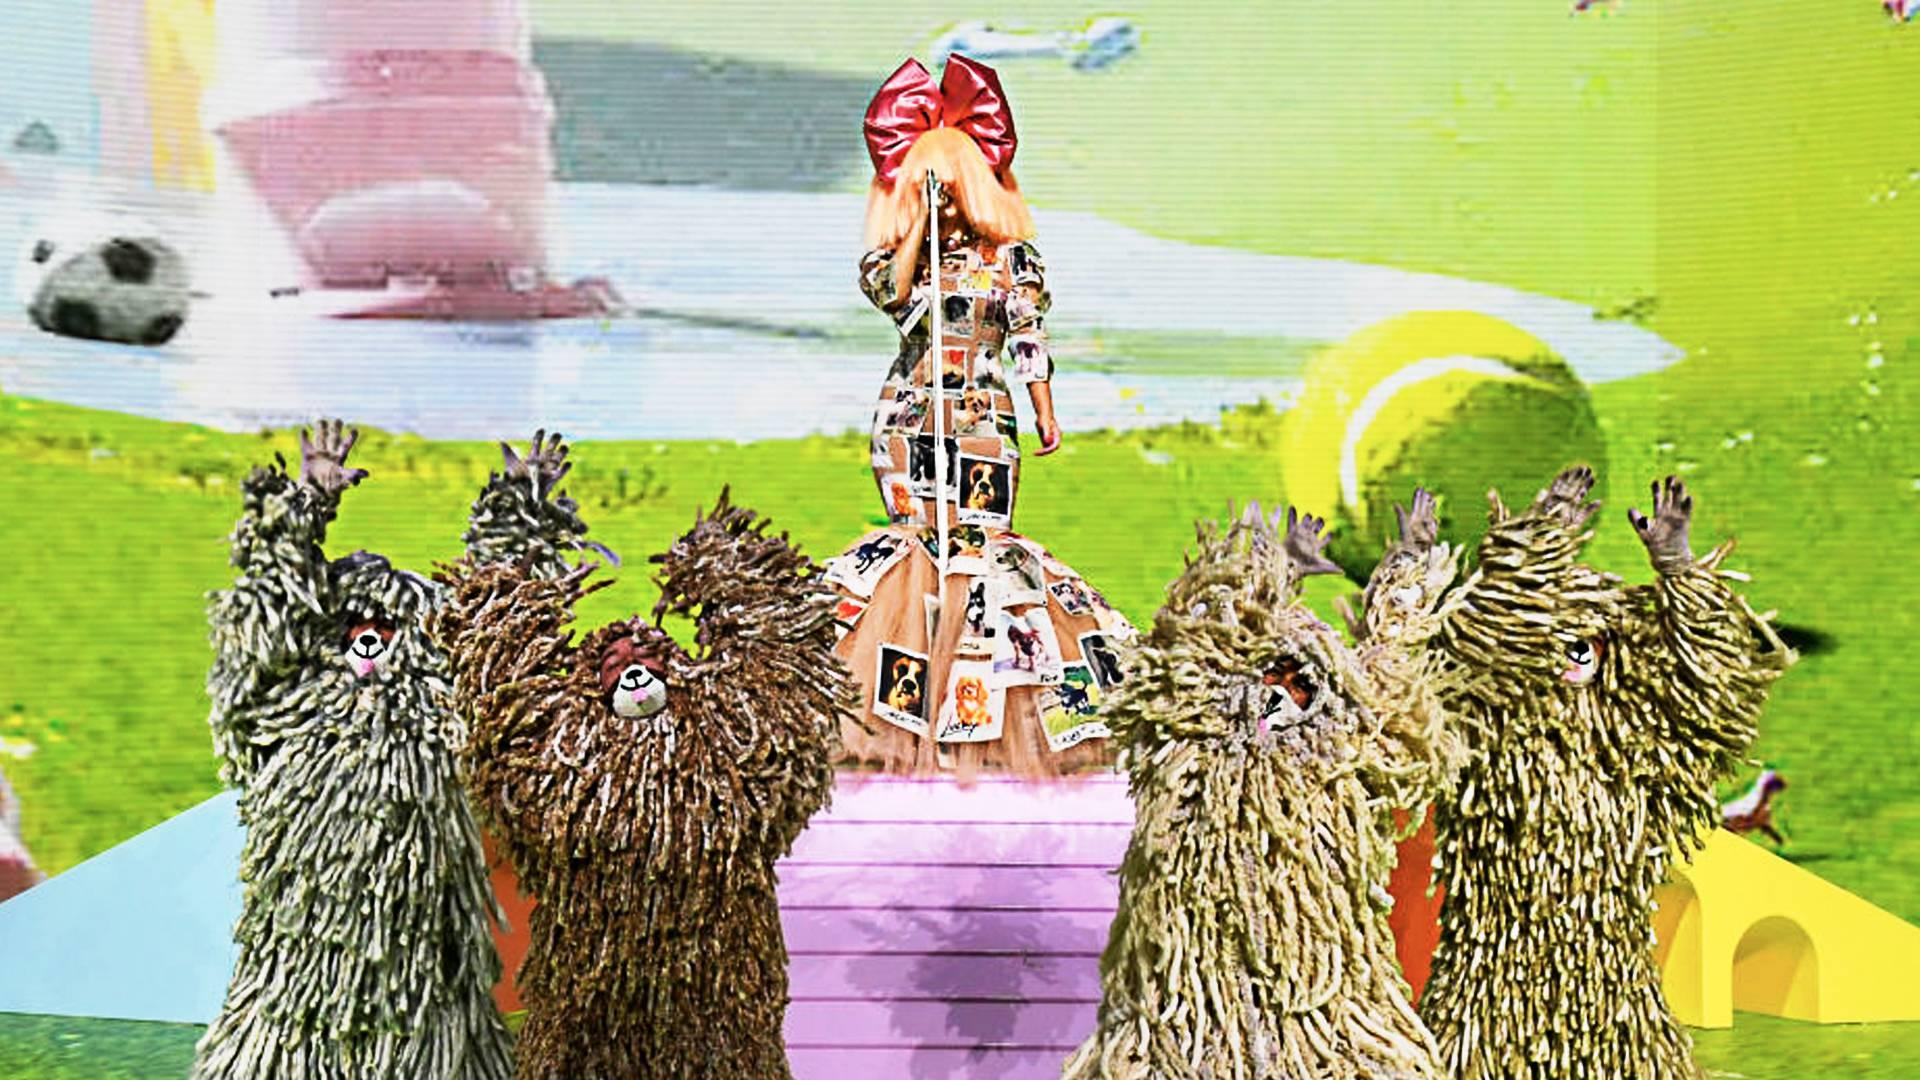 MATVA Golden Goats | Show Highlights Flipbook | Sia Performance w/ Dancers | 1920x1080